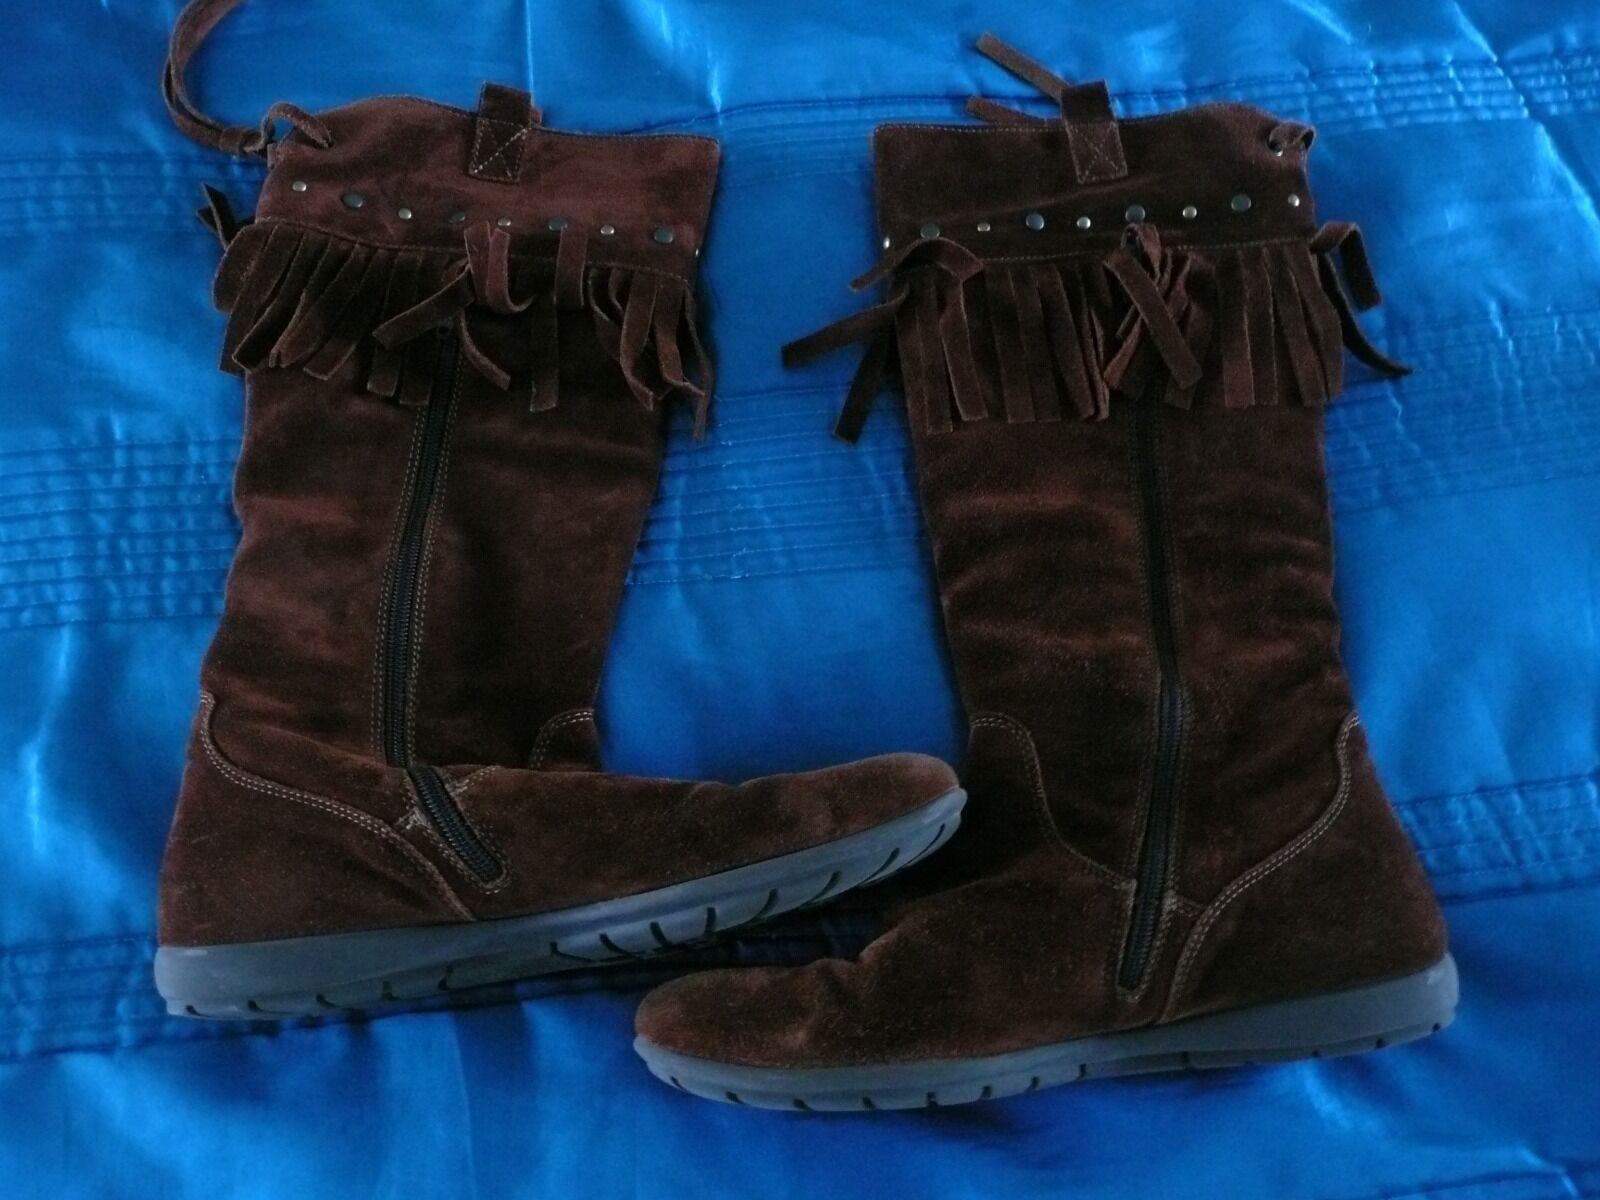 Jones Boots Tassels Tan Brown Girls Ladies Kids Suede Cowboy Womens Size 37